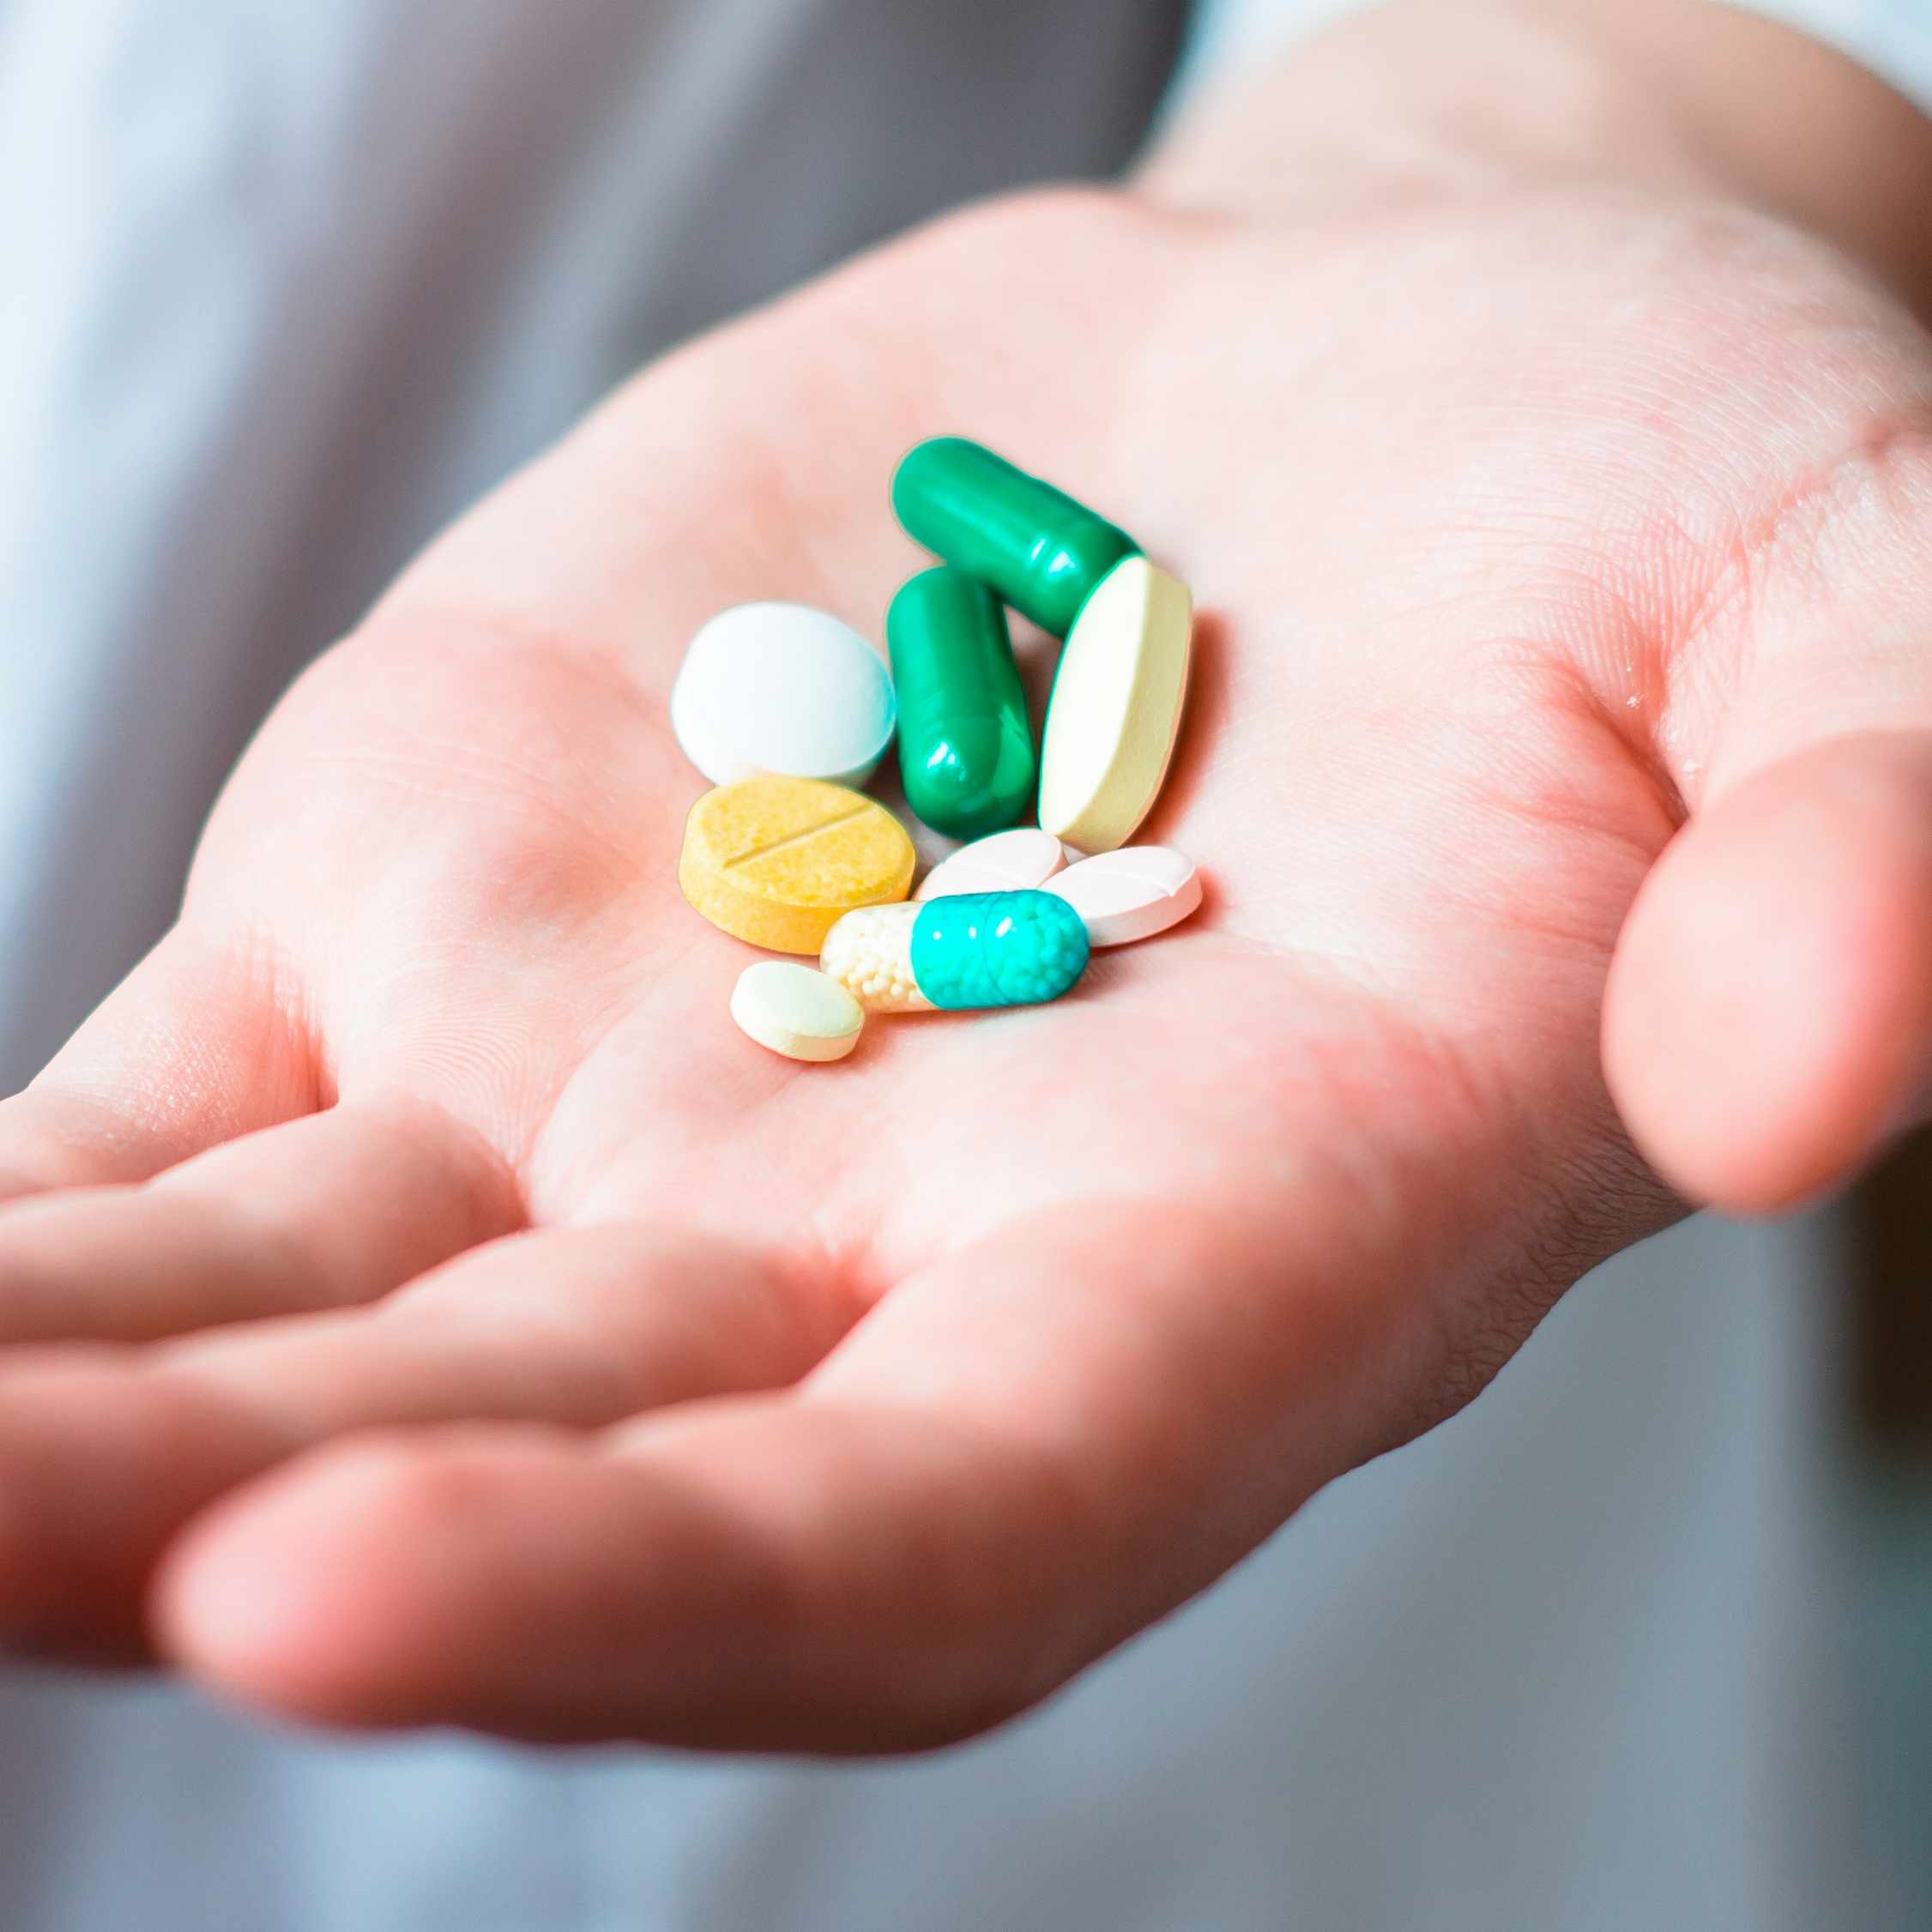 a person's hand full of medicine pills, prescription tablets, vitamins